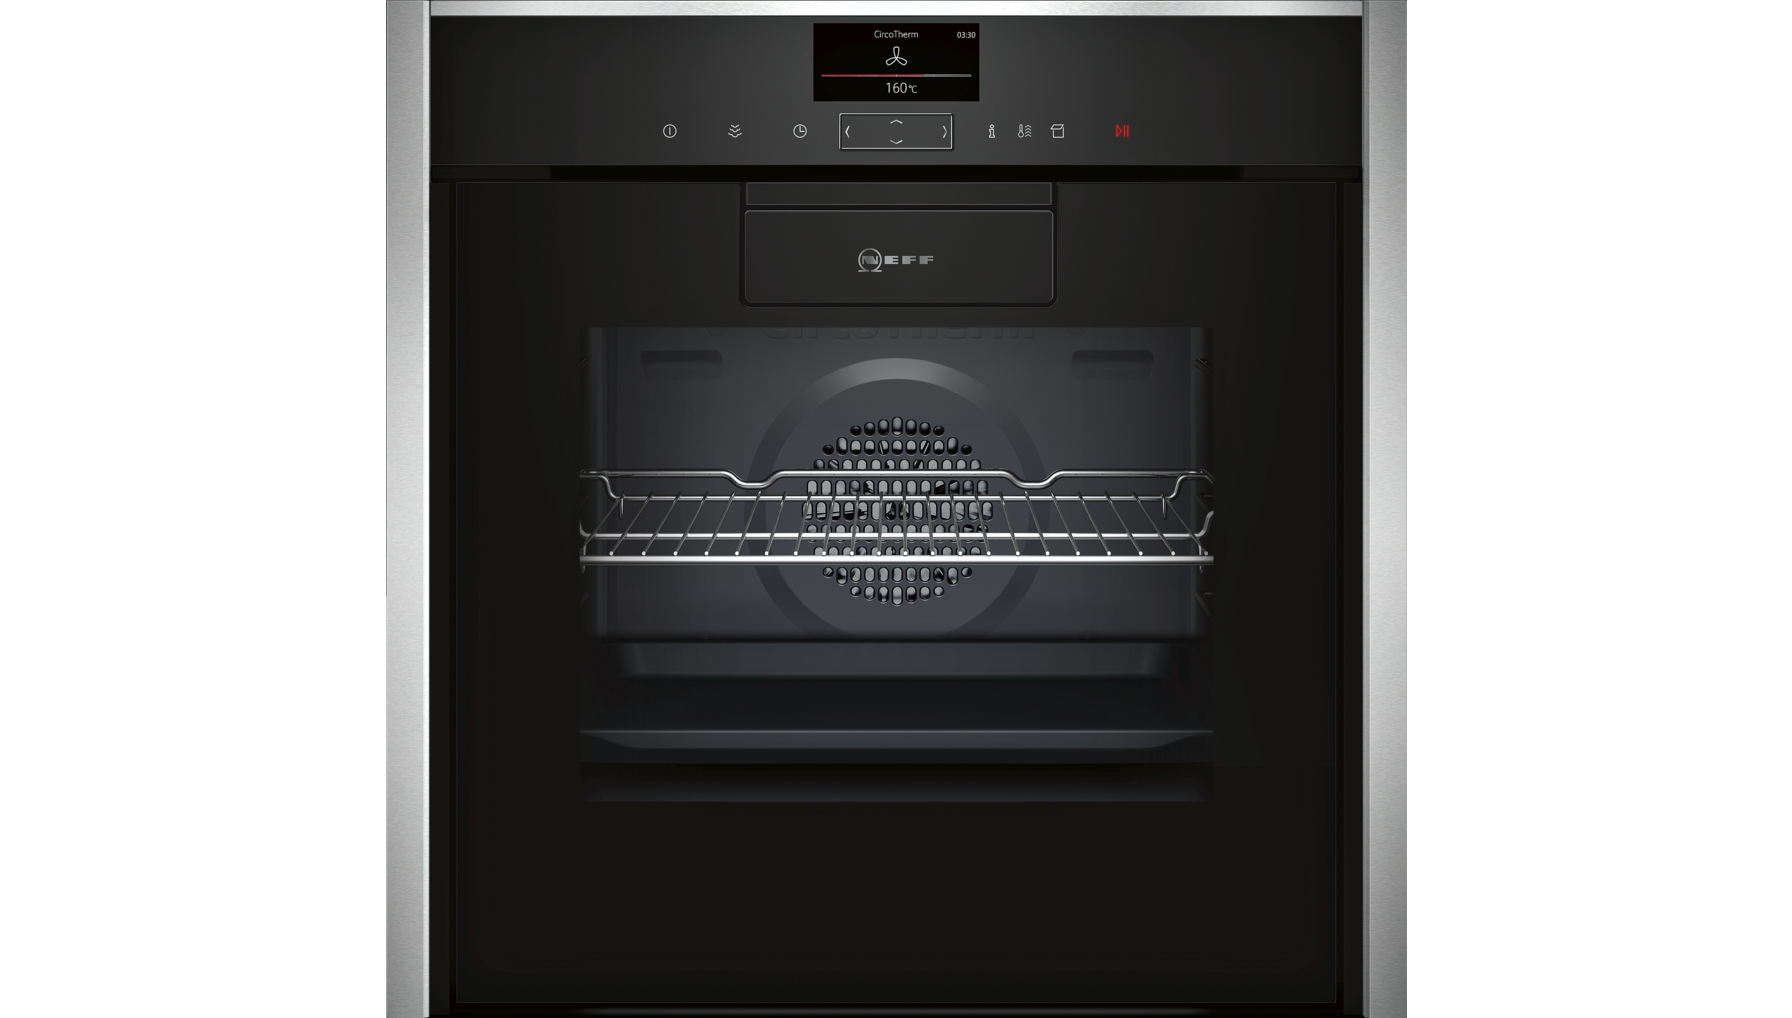 producten ovens ovens 60 cm b87vs24n0. Black Bedroom Furniture Sets. Home Design Ideas